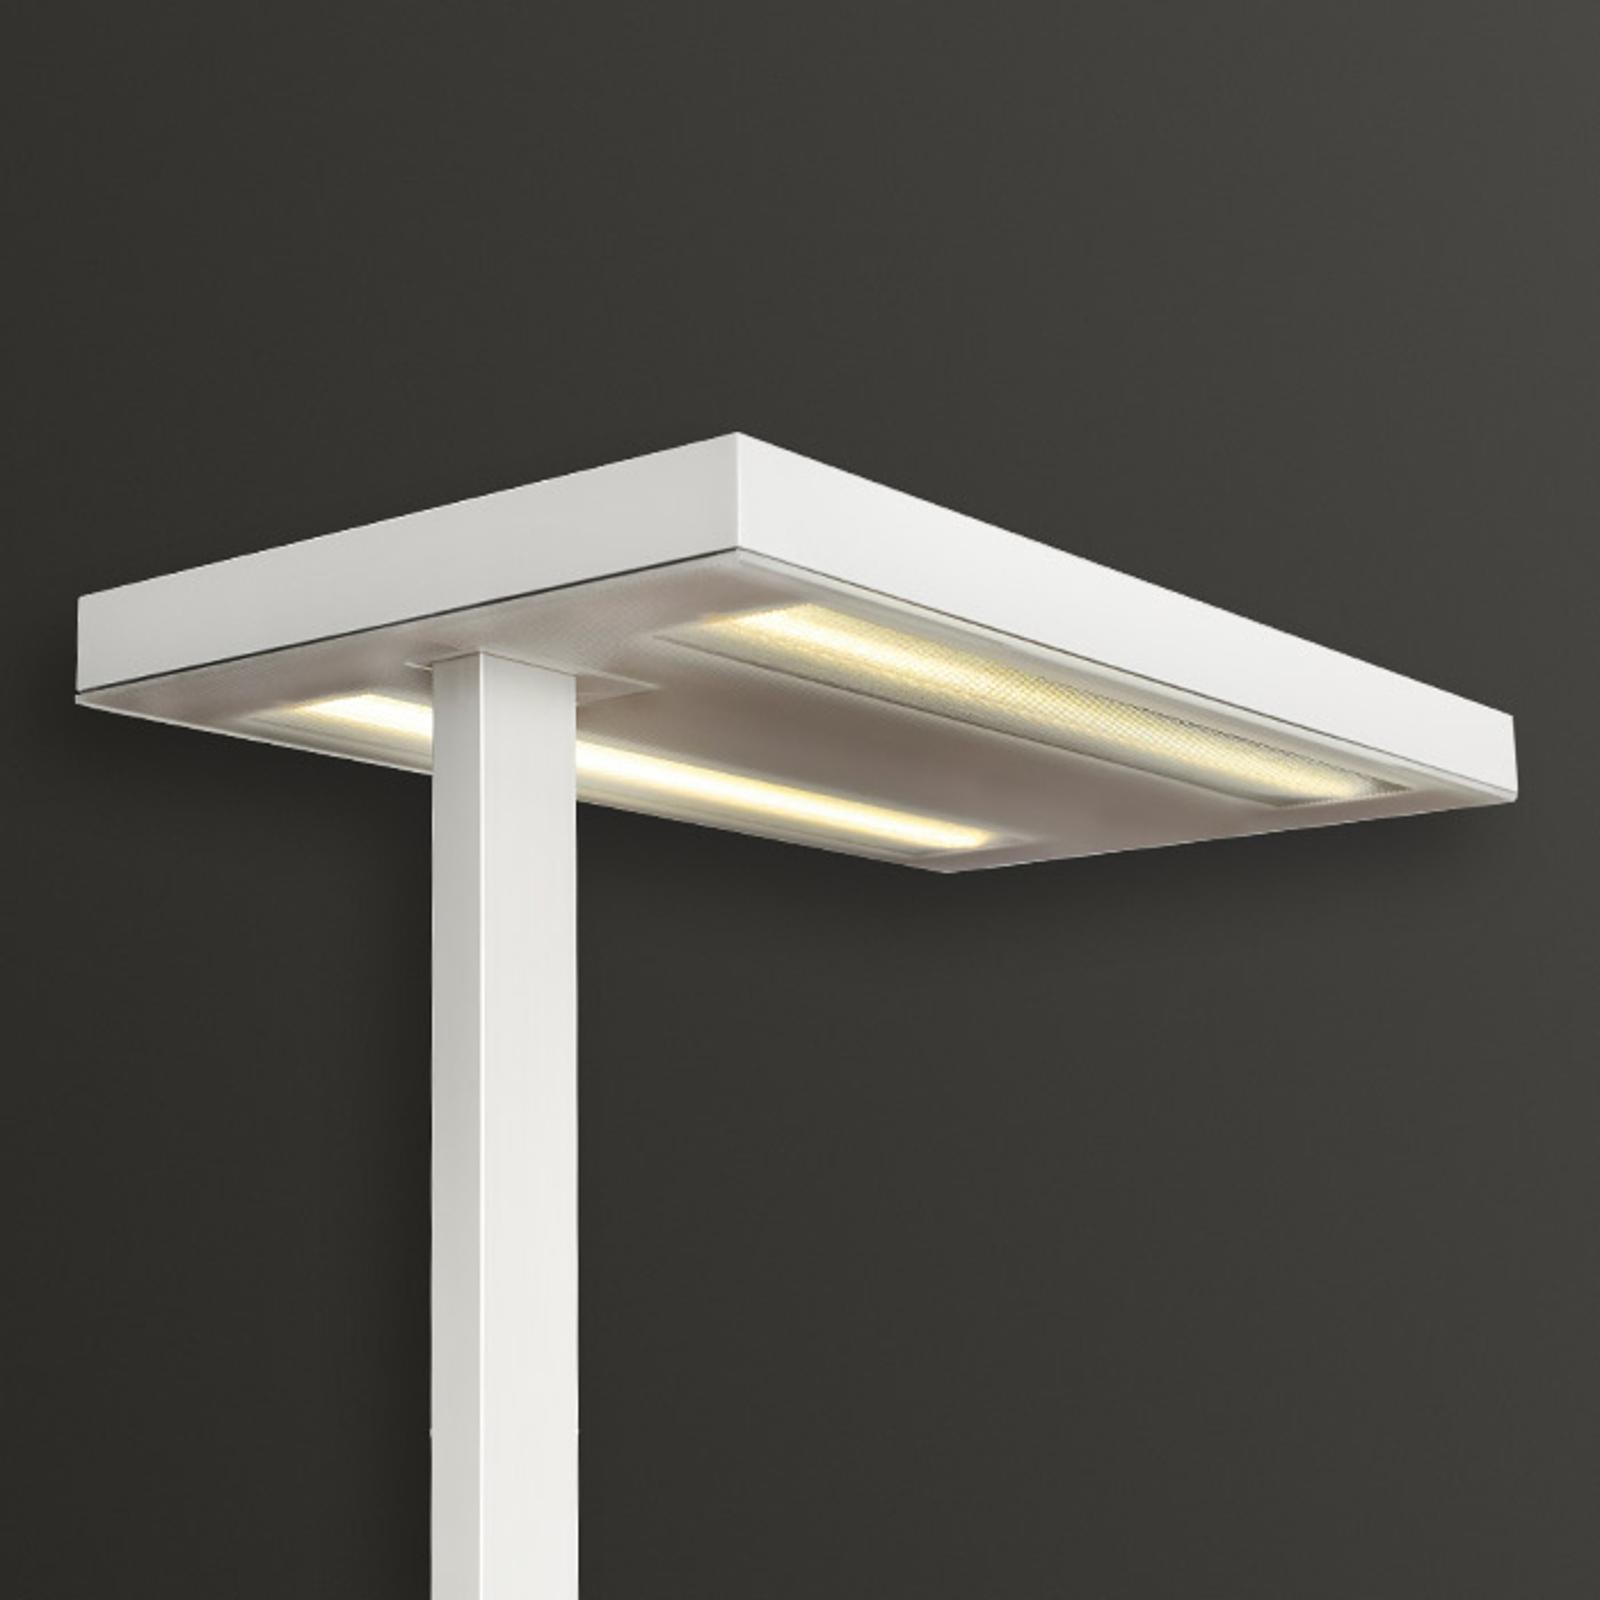 Vloerlamp Free-F LED10000 HFDd 840 SD wit